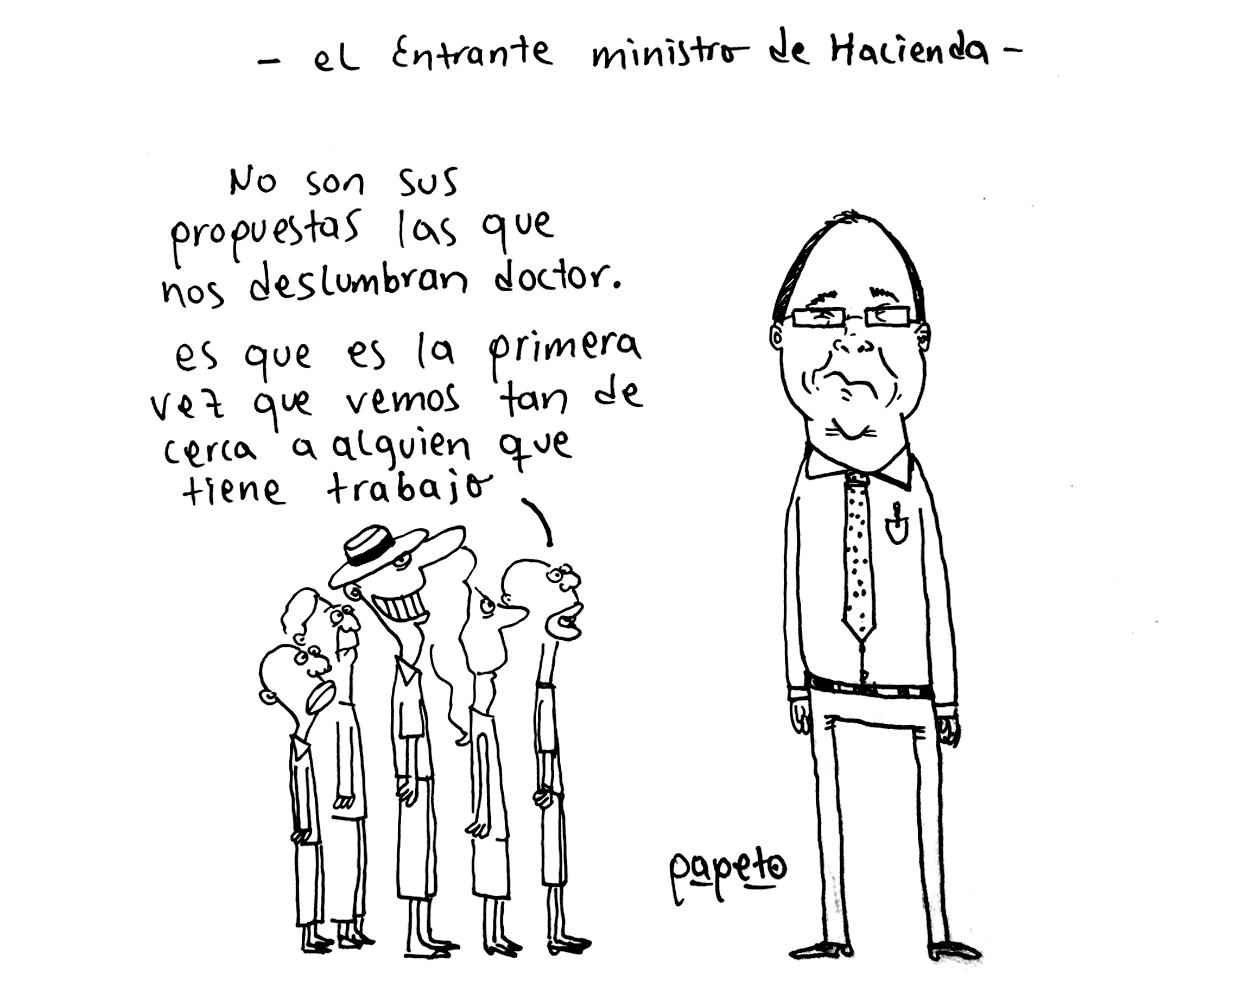 El entrante ministro